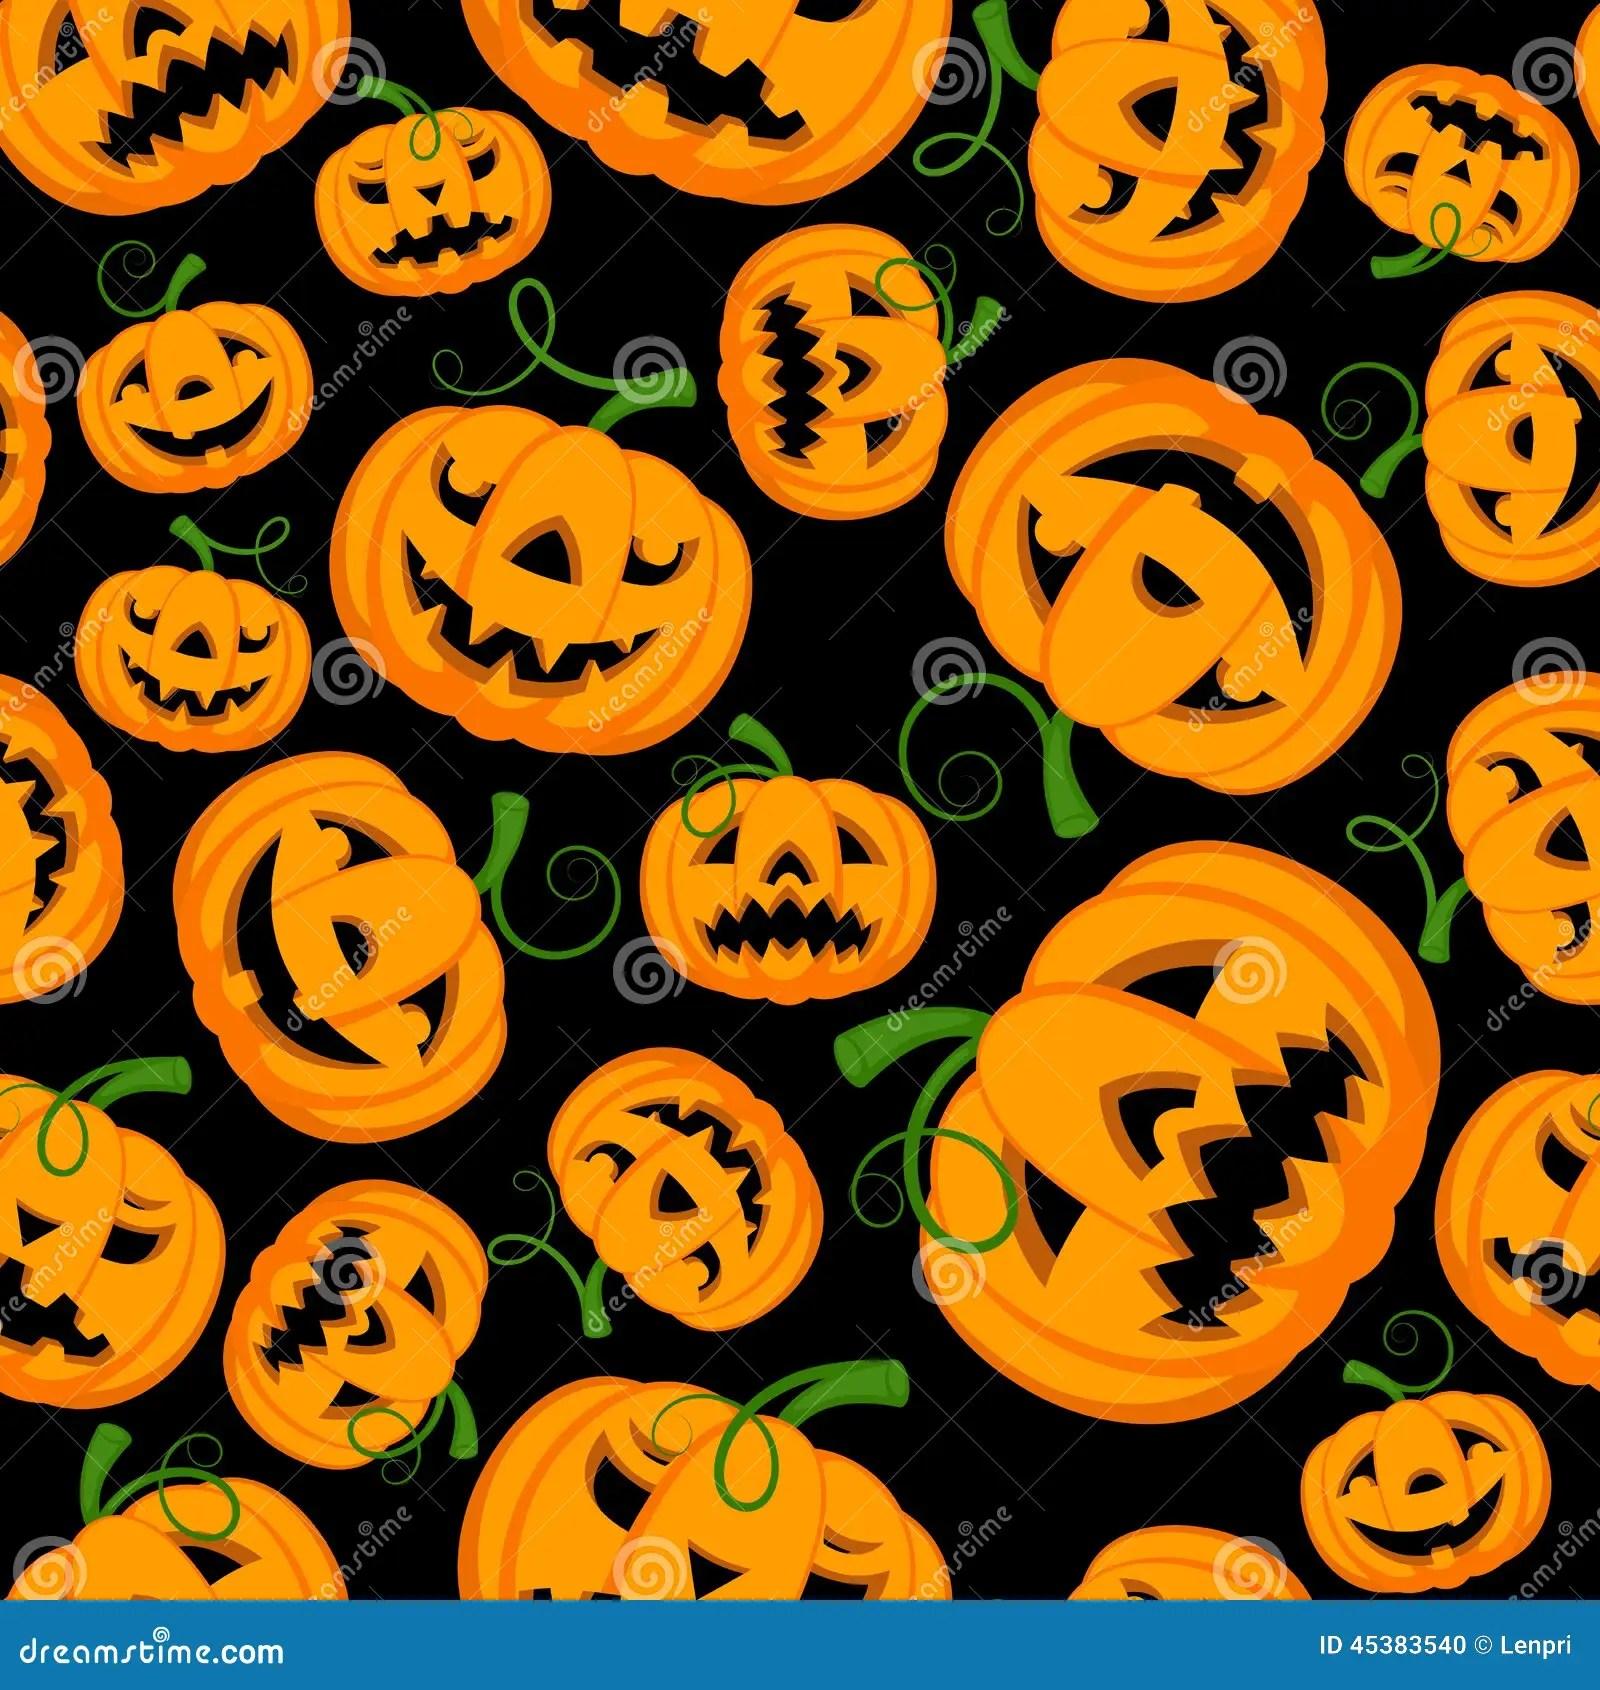 Fall Themed Wallpaper Desktop Halloween Digital Paper Stock Vector Illustration Of